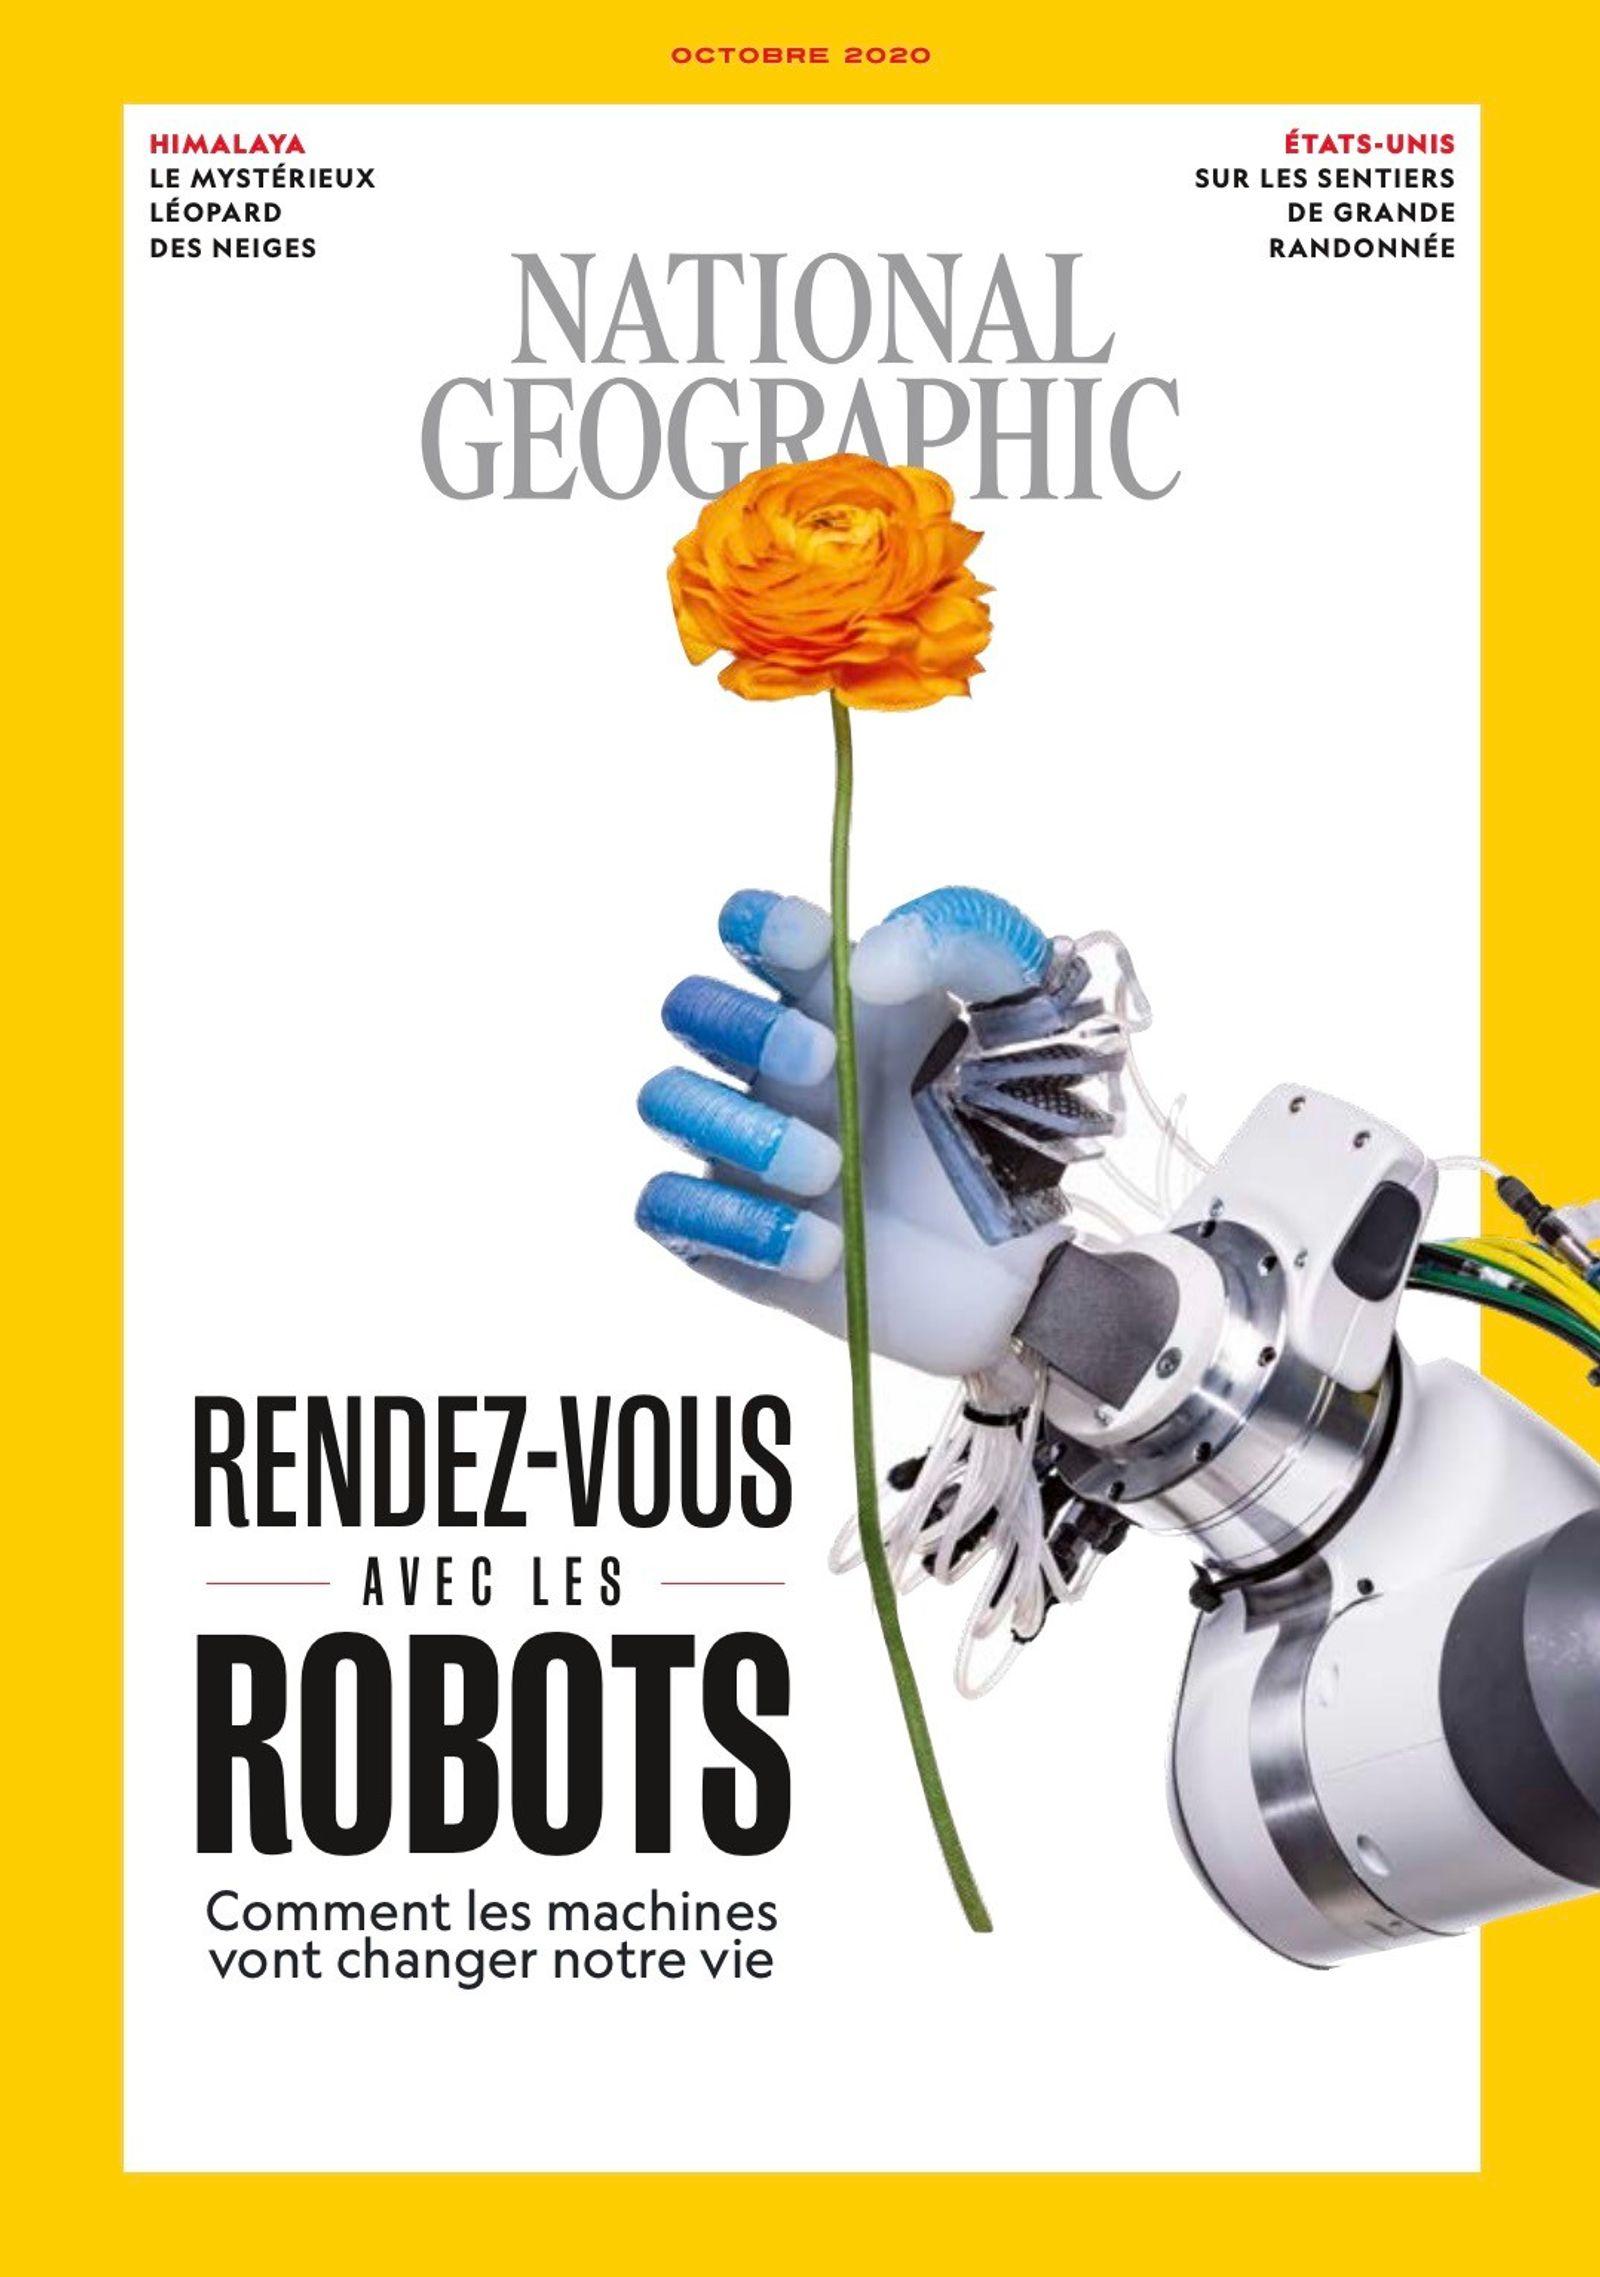 Rendez-vous avec les robots